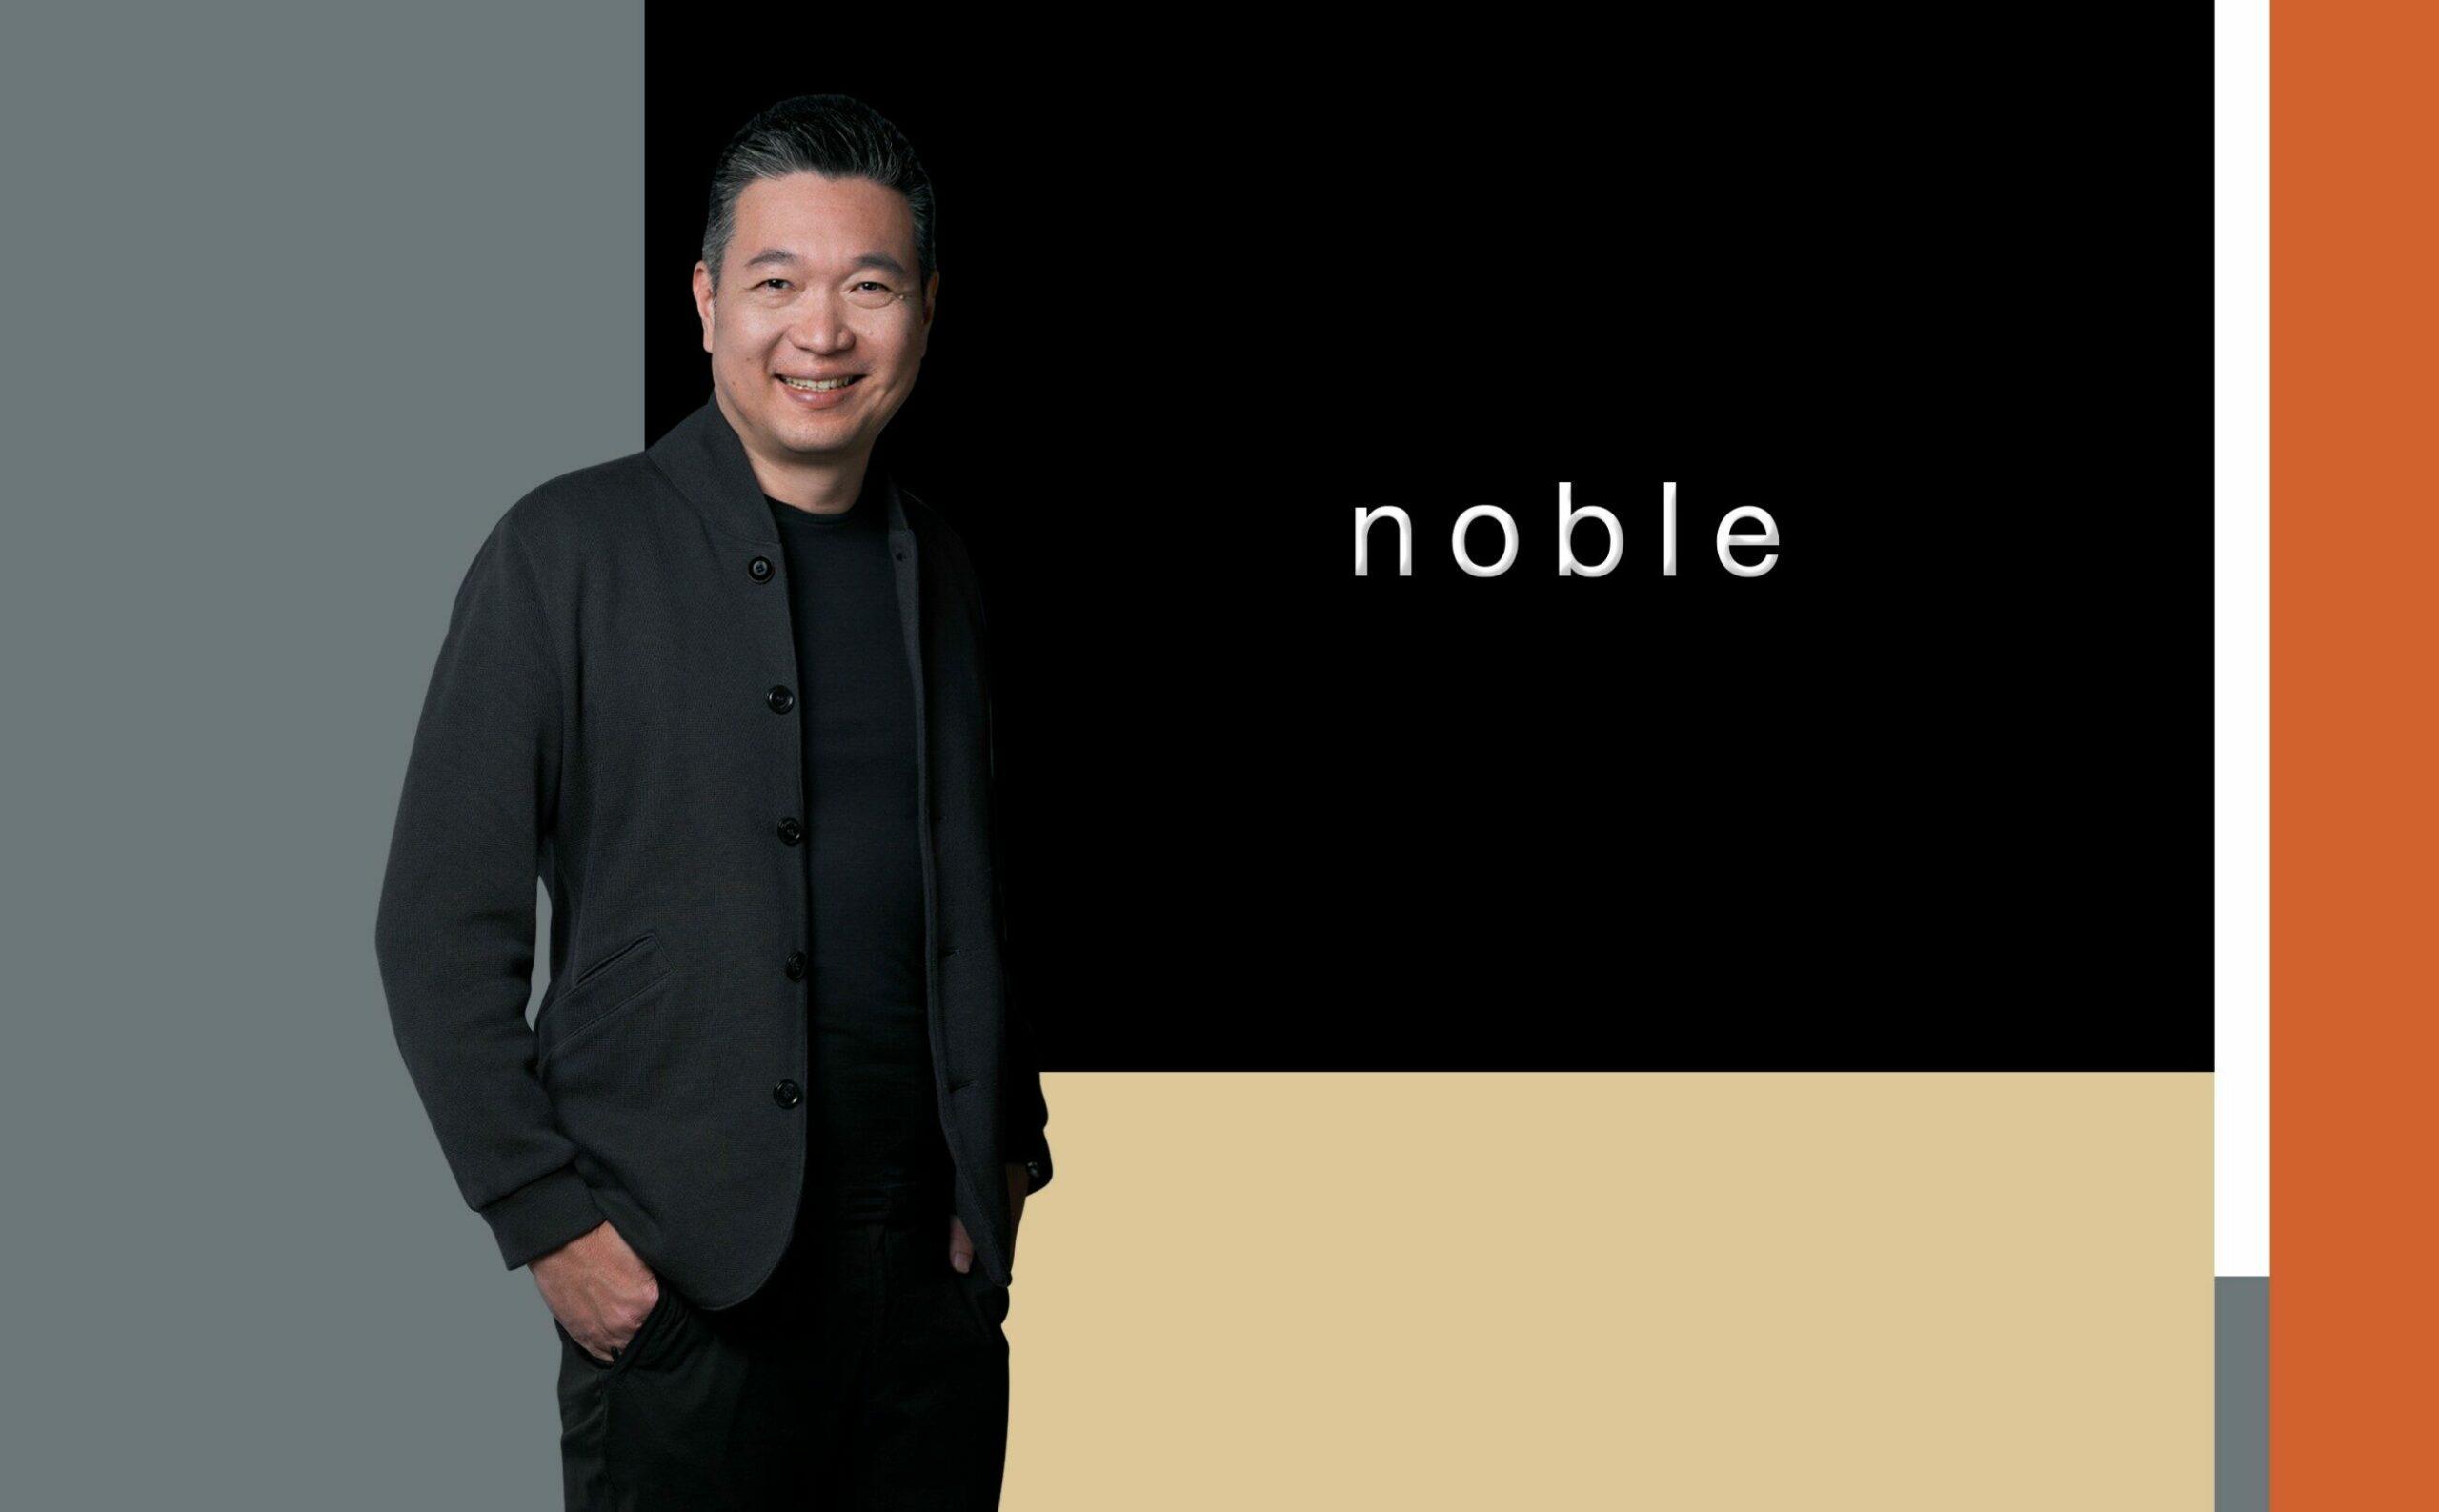 'โนเบิล' เปิดแผนธุรกิจปี 64 จ่อทุบสถิติใหม่ ทุ่มเปิด 11 โครงการ มูลค่ากว่า 4.5 ล้านบาท